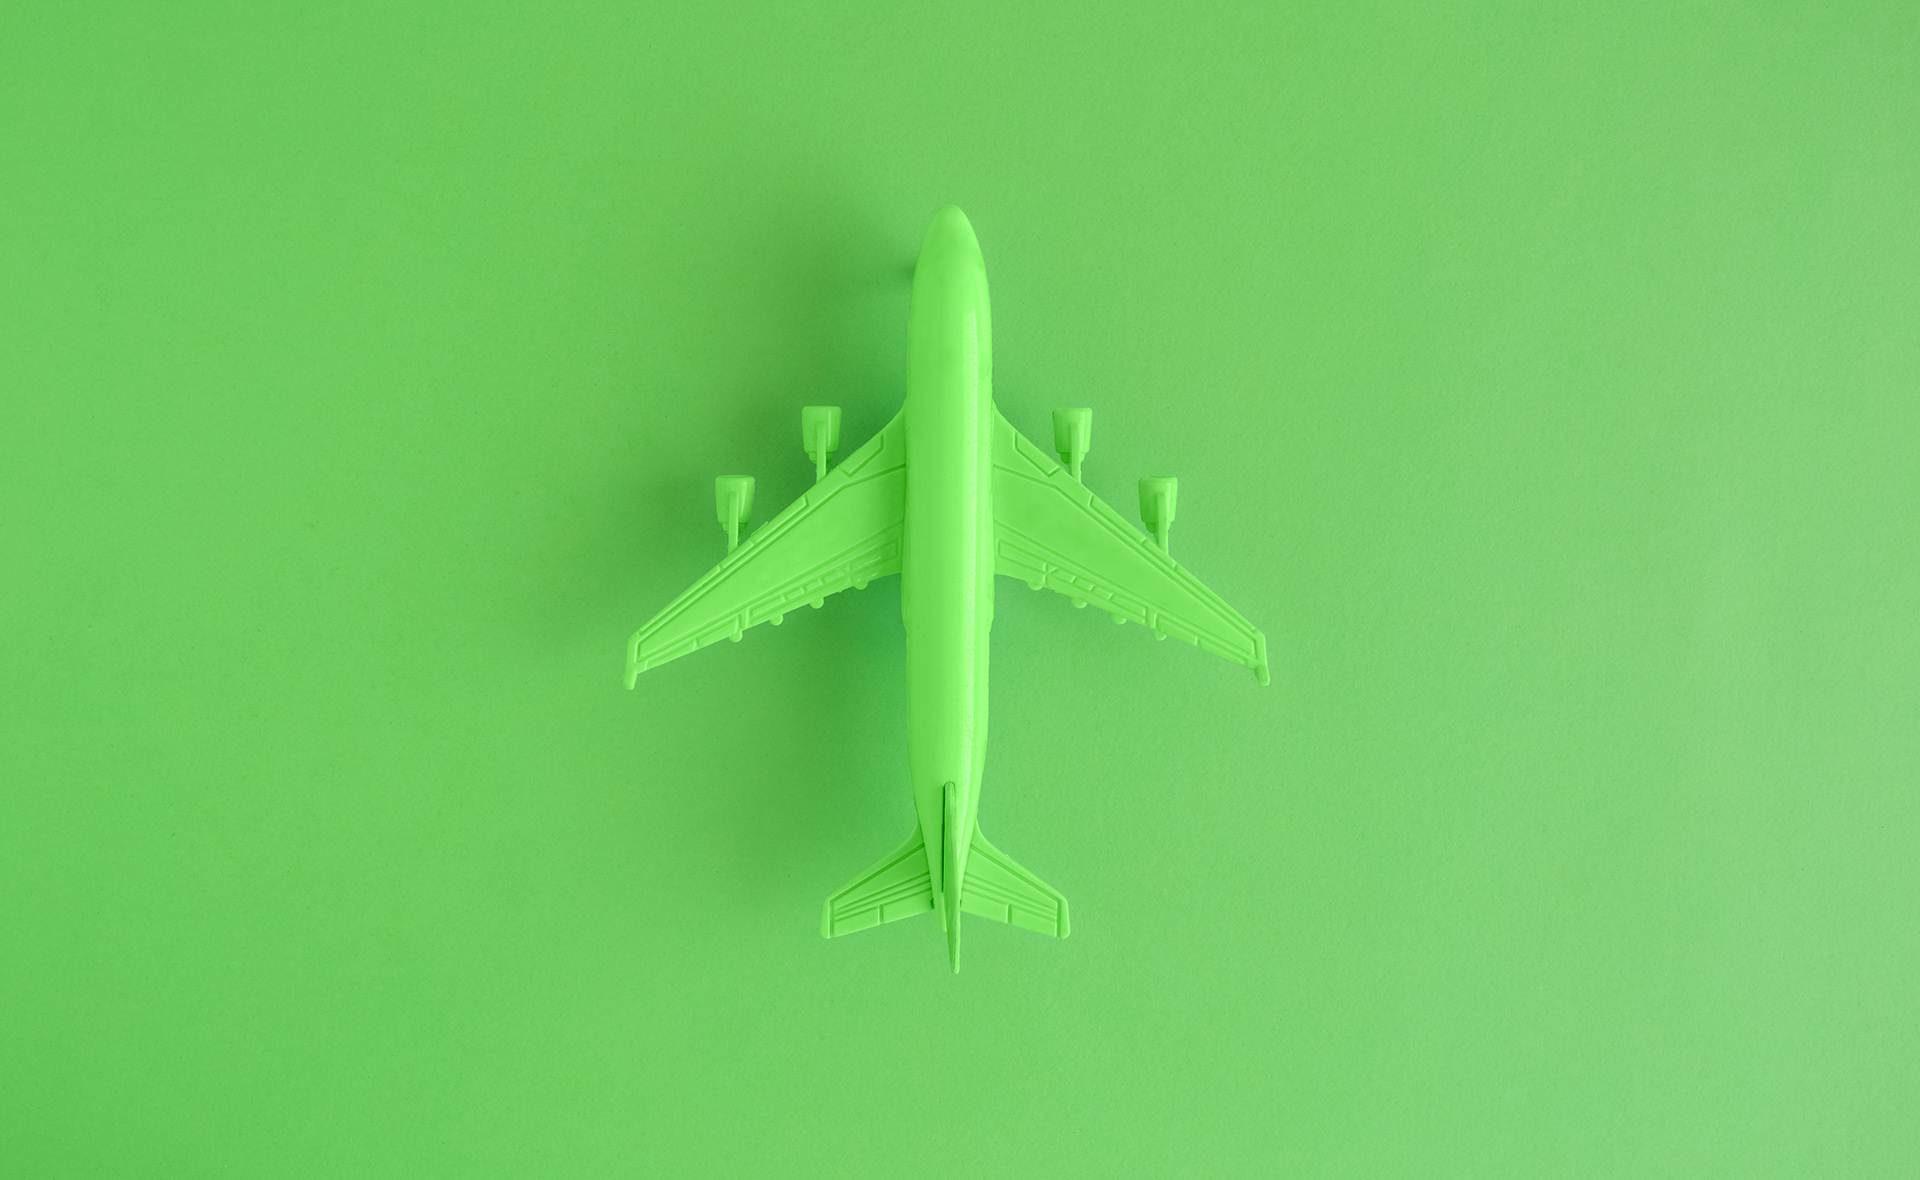 Fotografía de Avión, verde, aeropuerto, sostenible, finanzas, sostenibilidad, juguete